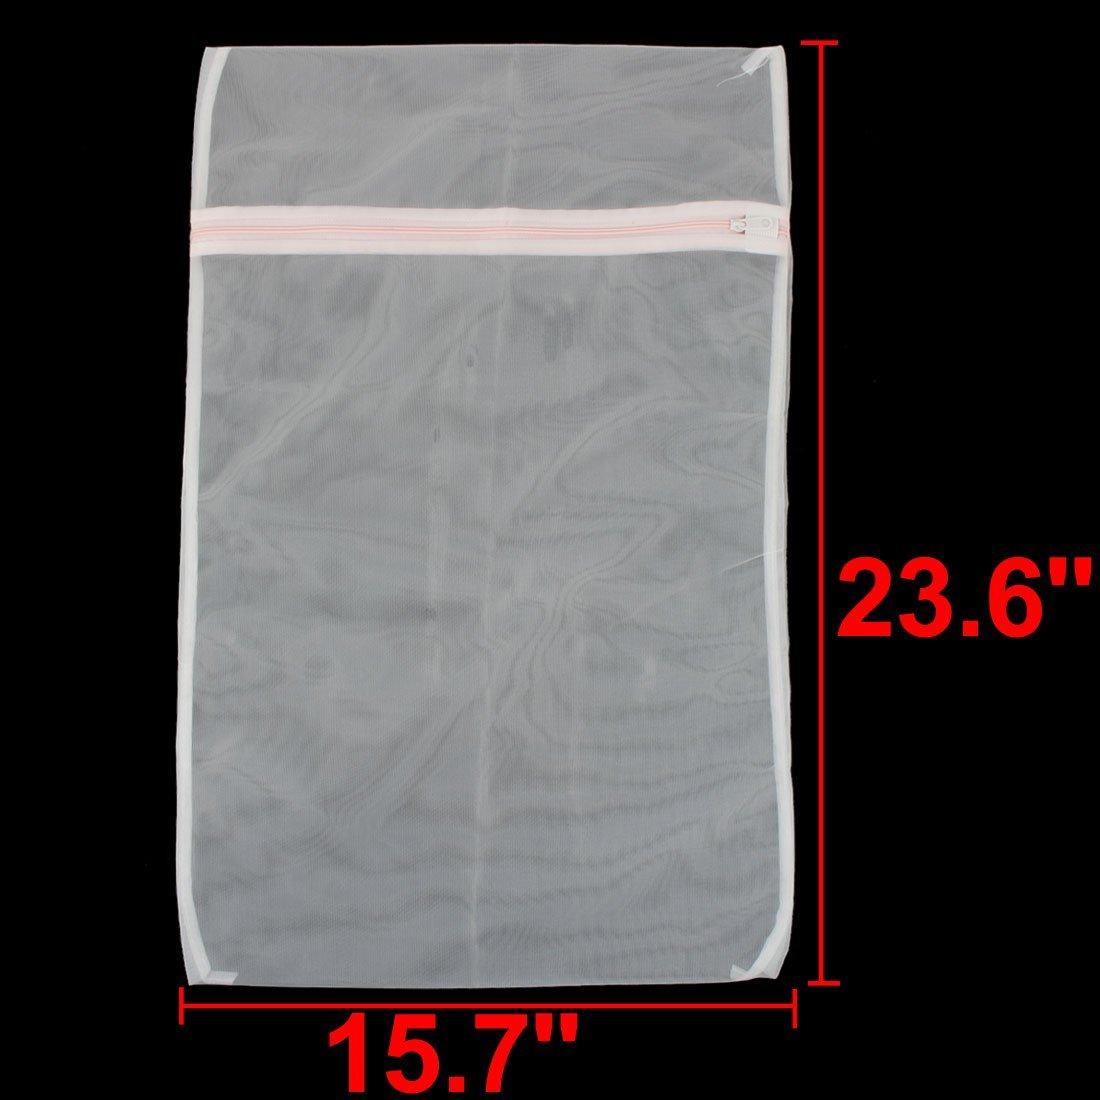 Amazon.com: eDealMax de Nylon Para el hogar Malla Con cremallera de cierre Lavar la ropa de lavandería Bolsa Blanca: Home & Kitchen